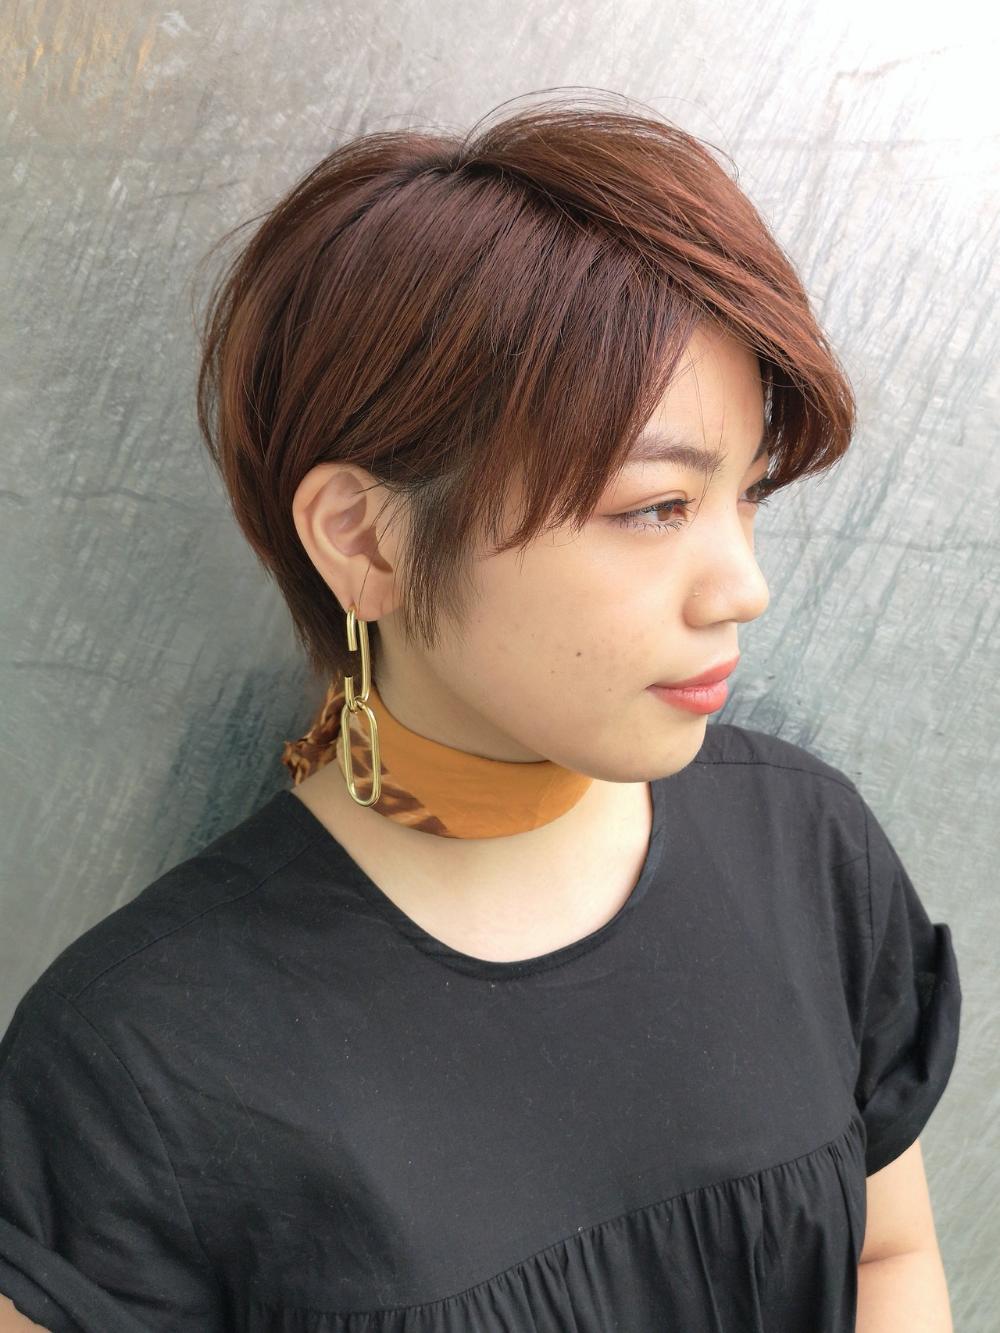 芸能人もしている かっこかわいいレディース短髪ヘア大特集 Hair